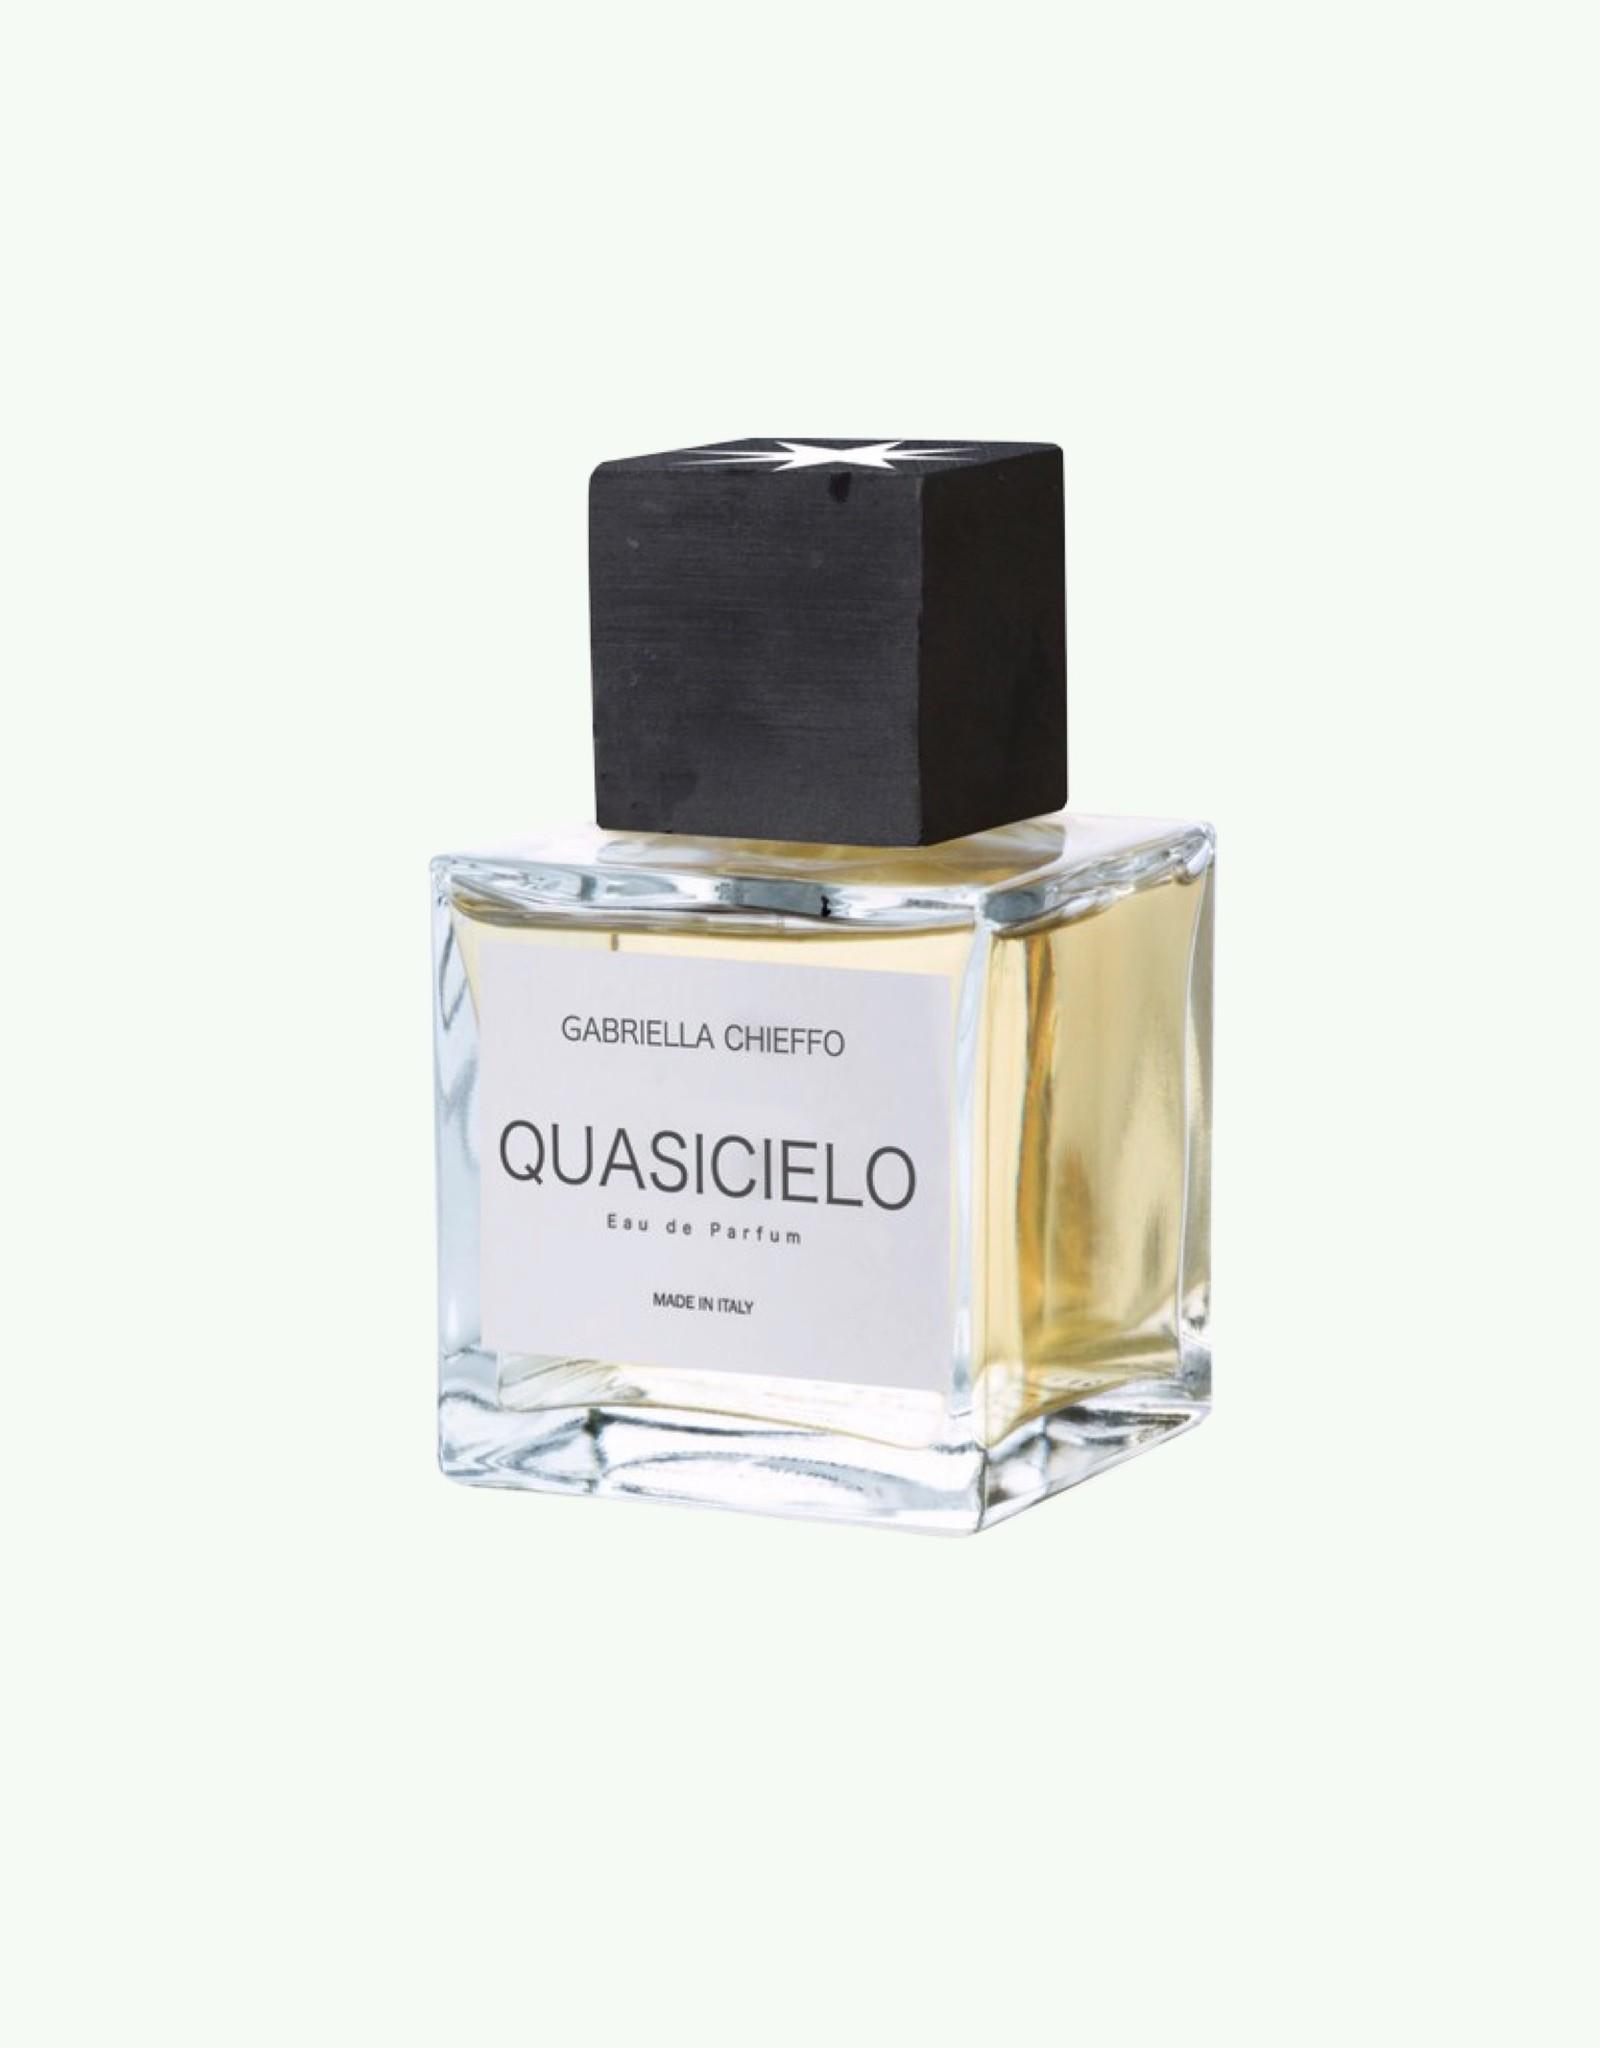 Gabriella Chieffo Gabriella Chieffo - Quasicielo - Eau de Parfum